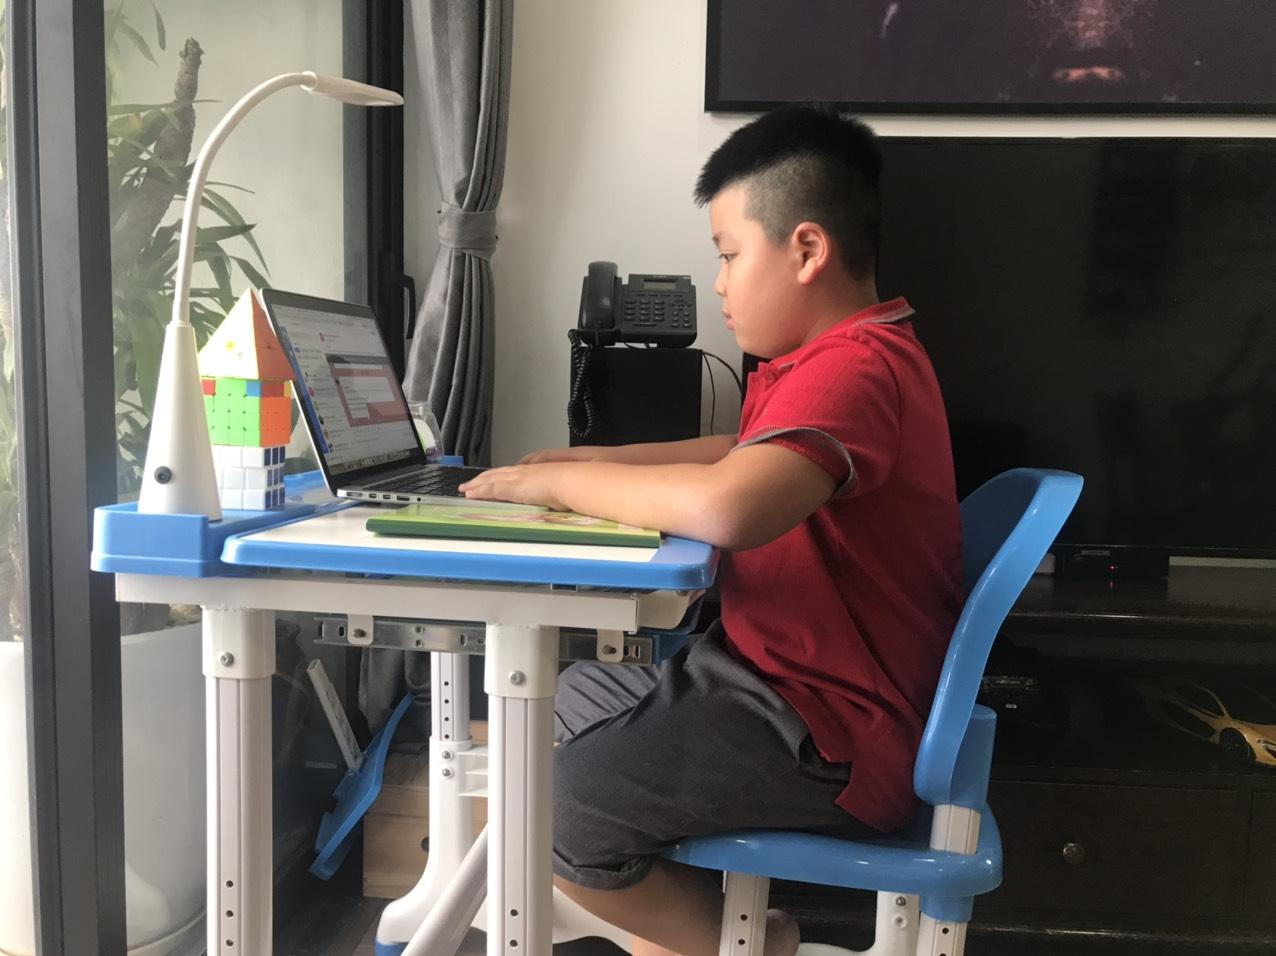 """Hà Nội tiếp tục việc dạy và học bằng hình thức trực tuyến. Thường xuyên sử dụng kho học liệu điện tử nhằm đáp ứng mục tiêu """"Tạm dừng đến trường, không dừng việc học""""."""